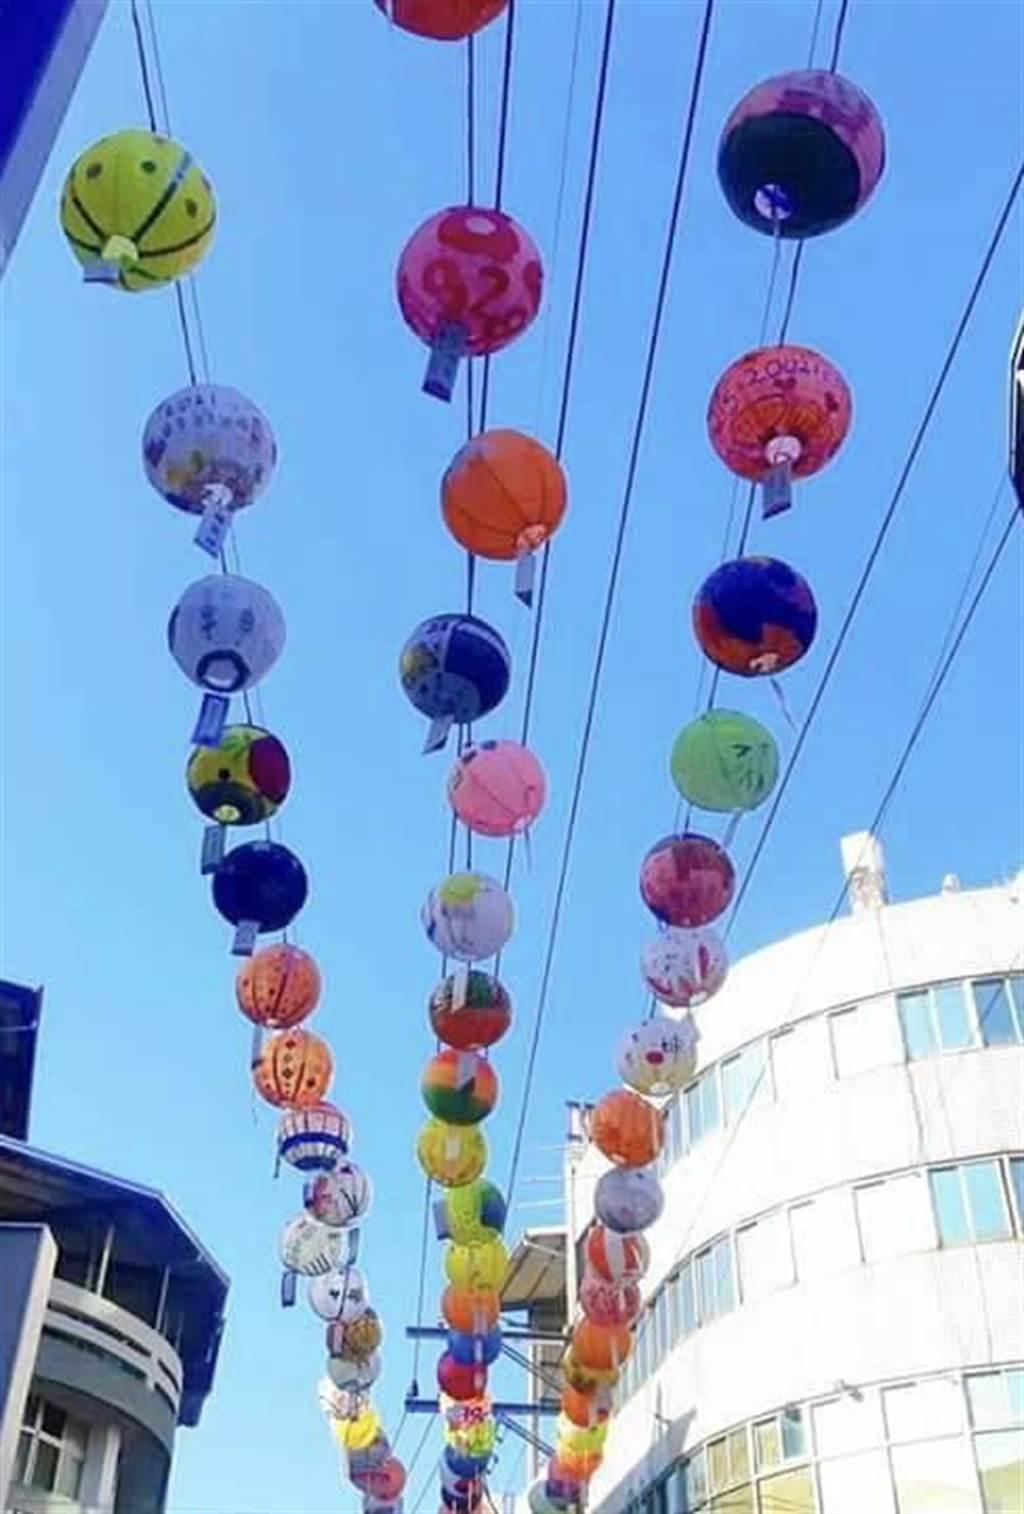 竹山鎮籌辦竹藝燈會,竹製燈籠已掛上街區。(竹山鎮公所提供/廖志晃南投傳真)